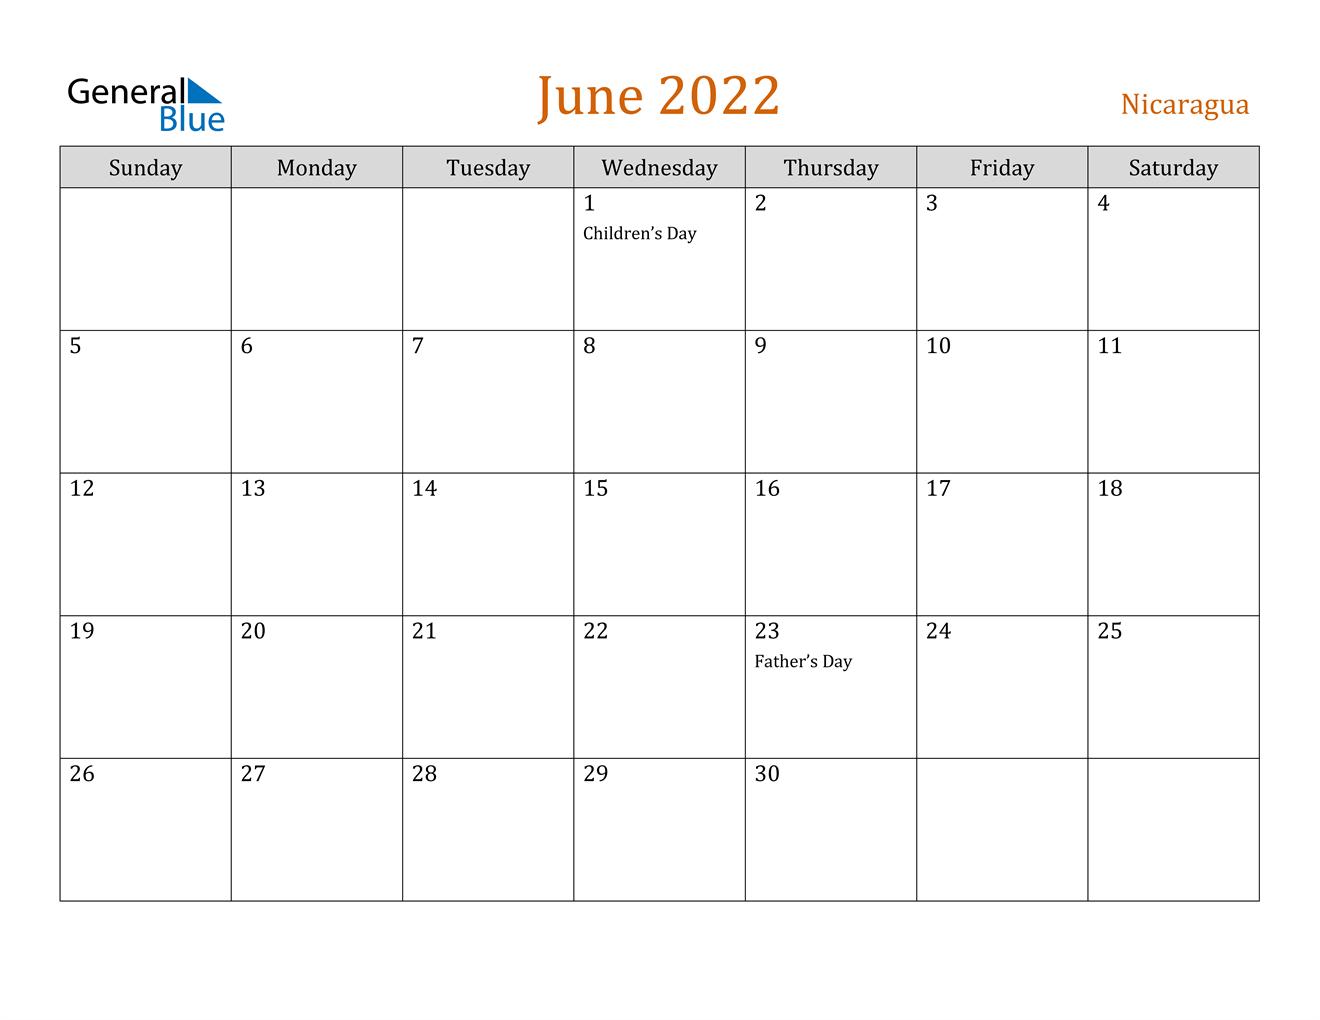 June 2022 Calendar - Nicaragua